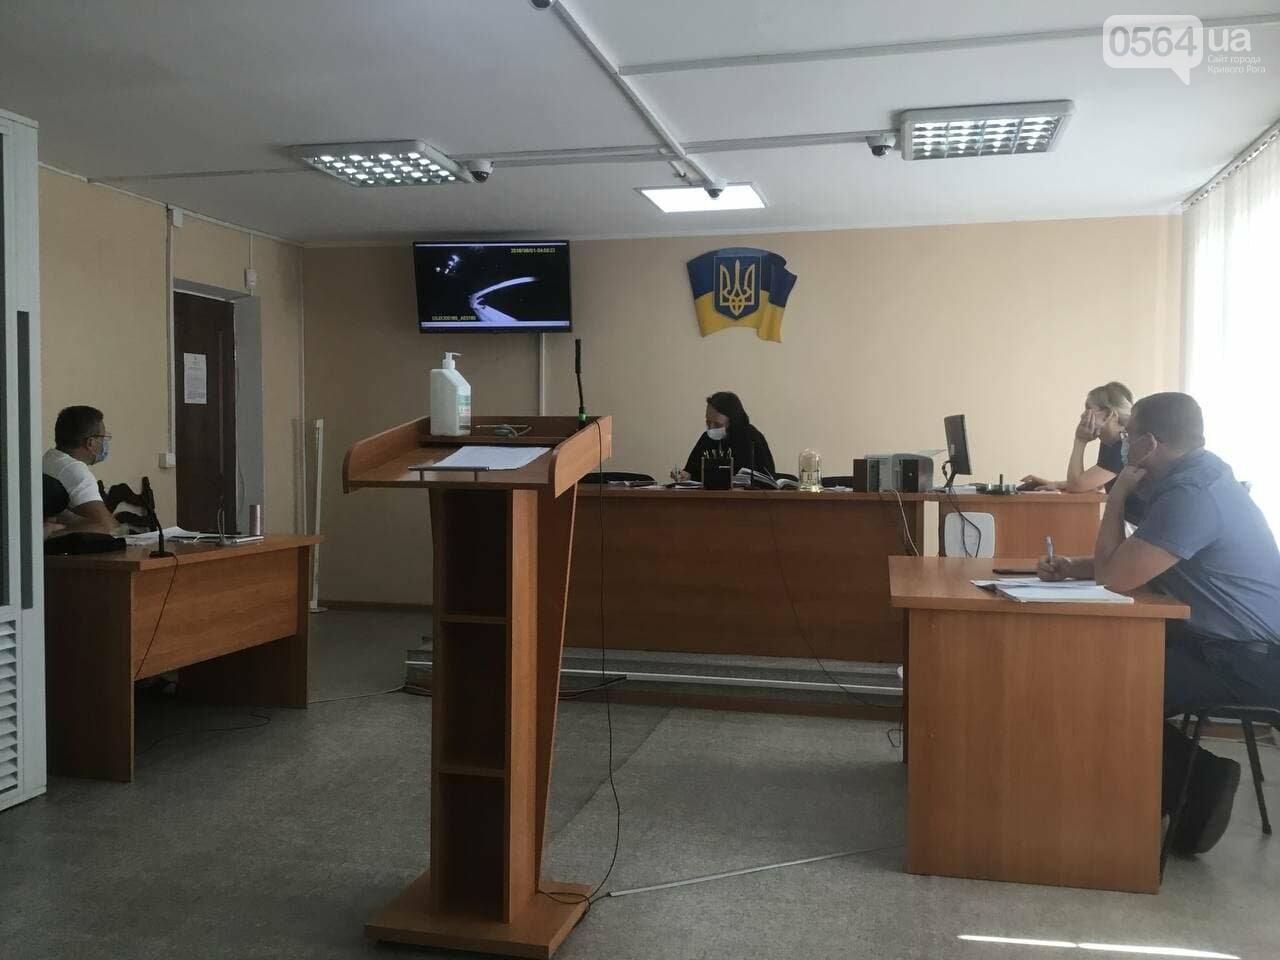 Муниципальный гвардеец против активиста: в суде заявили ходатайства о реагировании на противозаконные действия полицейских, - ФОТО, ВИДЕО, фото-1